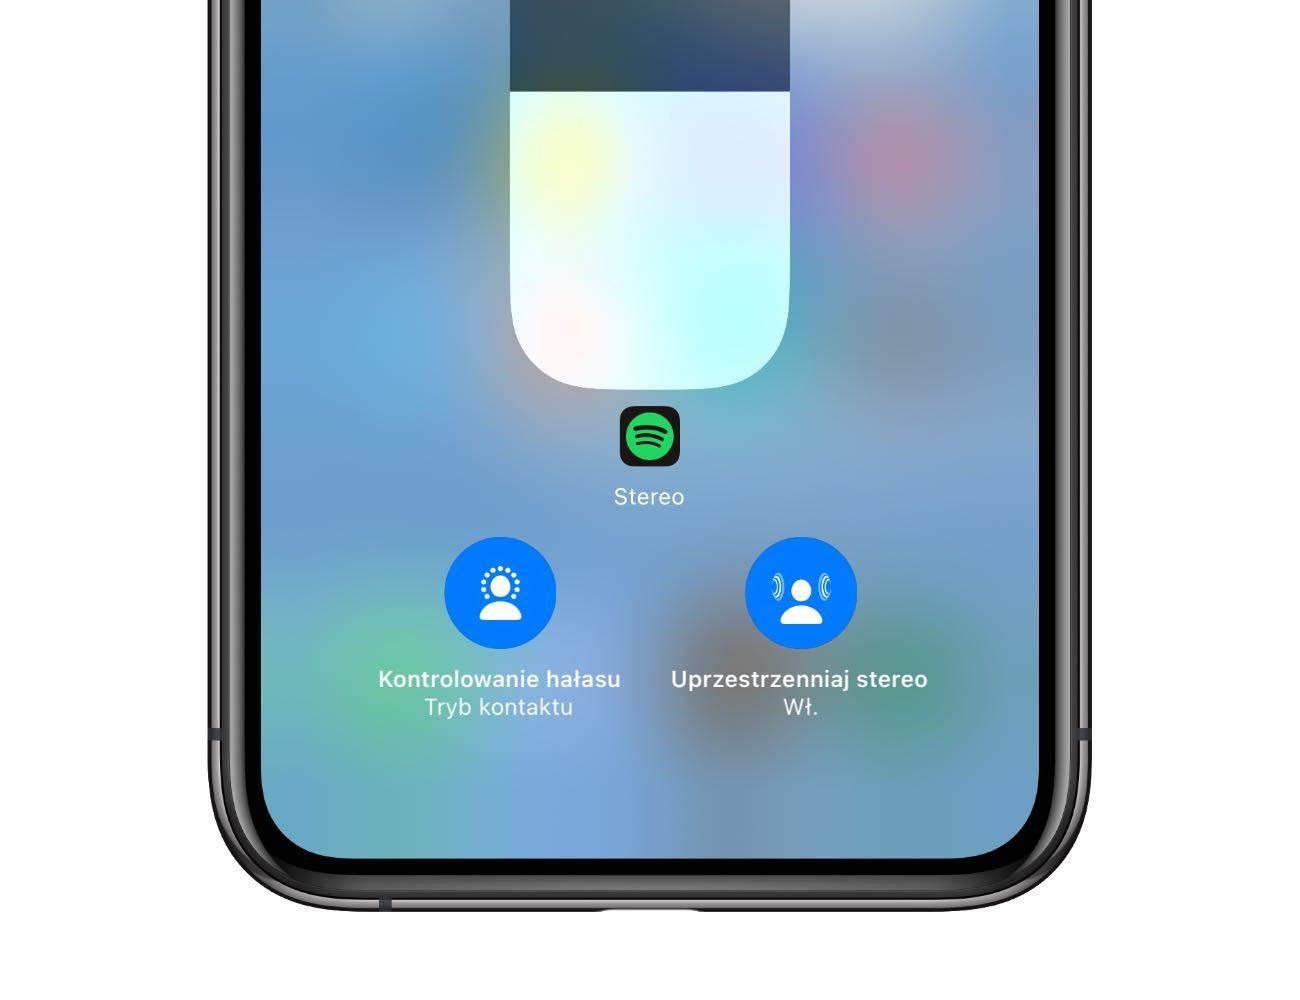 iOS 15 i macOS Monterey sprawiają, że każdy dźwięk jest przestrzenny, ale potrzebujesz AirPods Pro / Max polecane, ciekawostki macOS 12 Monterey, iOS 15, dzwiek przestrzenny  Pierwsze wersje beta systemów iOS 15 i macOS Monterey wprowadziły nową funkcję odtwarzania, która pozwala na uzyskanie dźwięku przestrzennego.    iOS przestrzenny 1